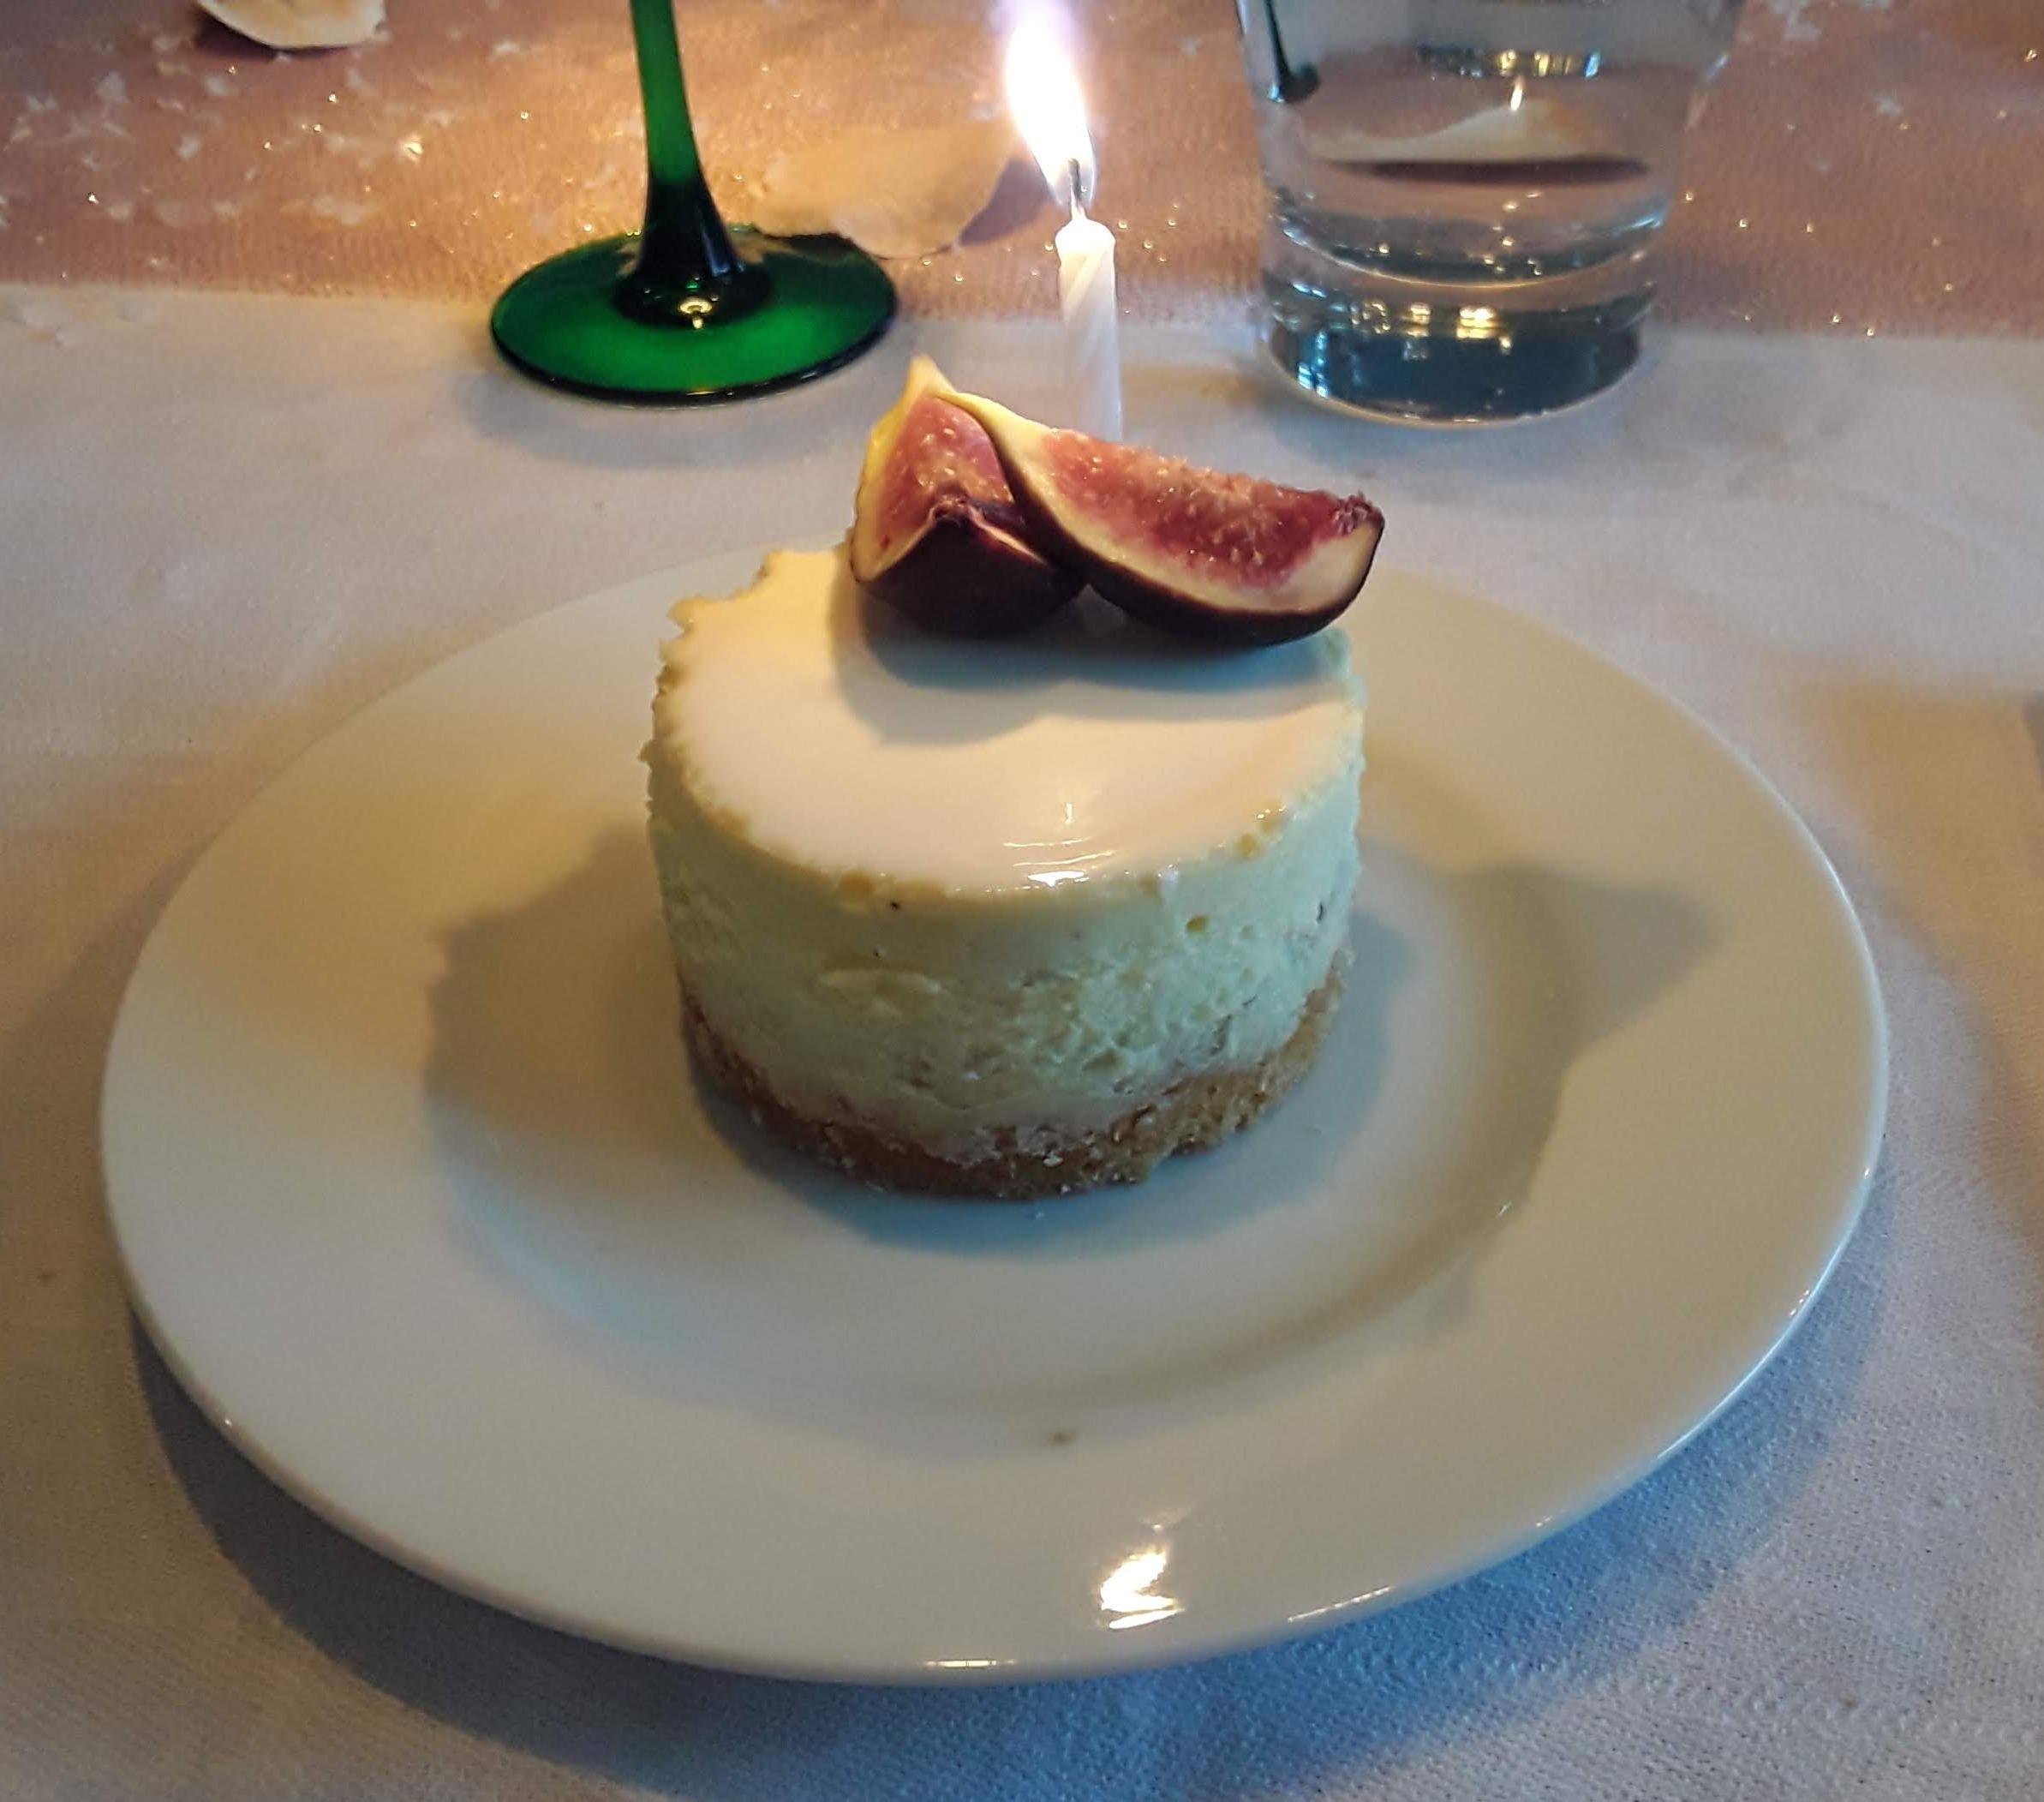 Mon autre revisite du gâteau au fromage frais... à la fève Tonka et aux figues !